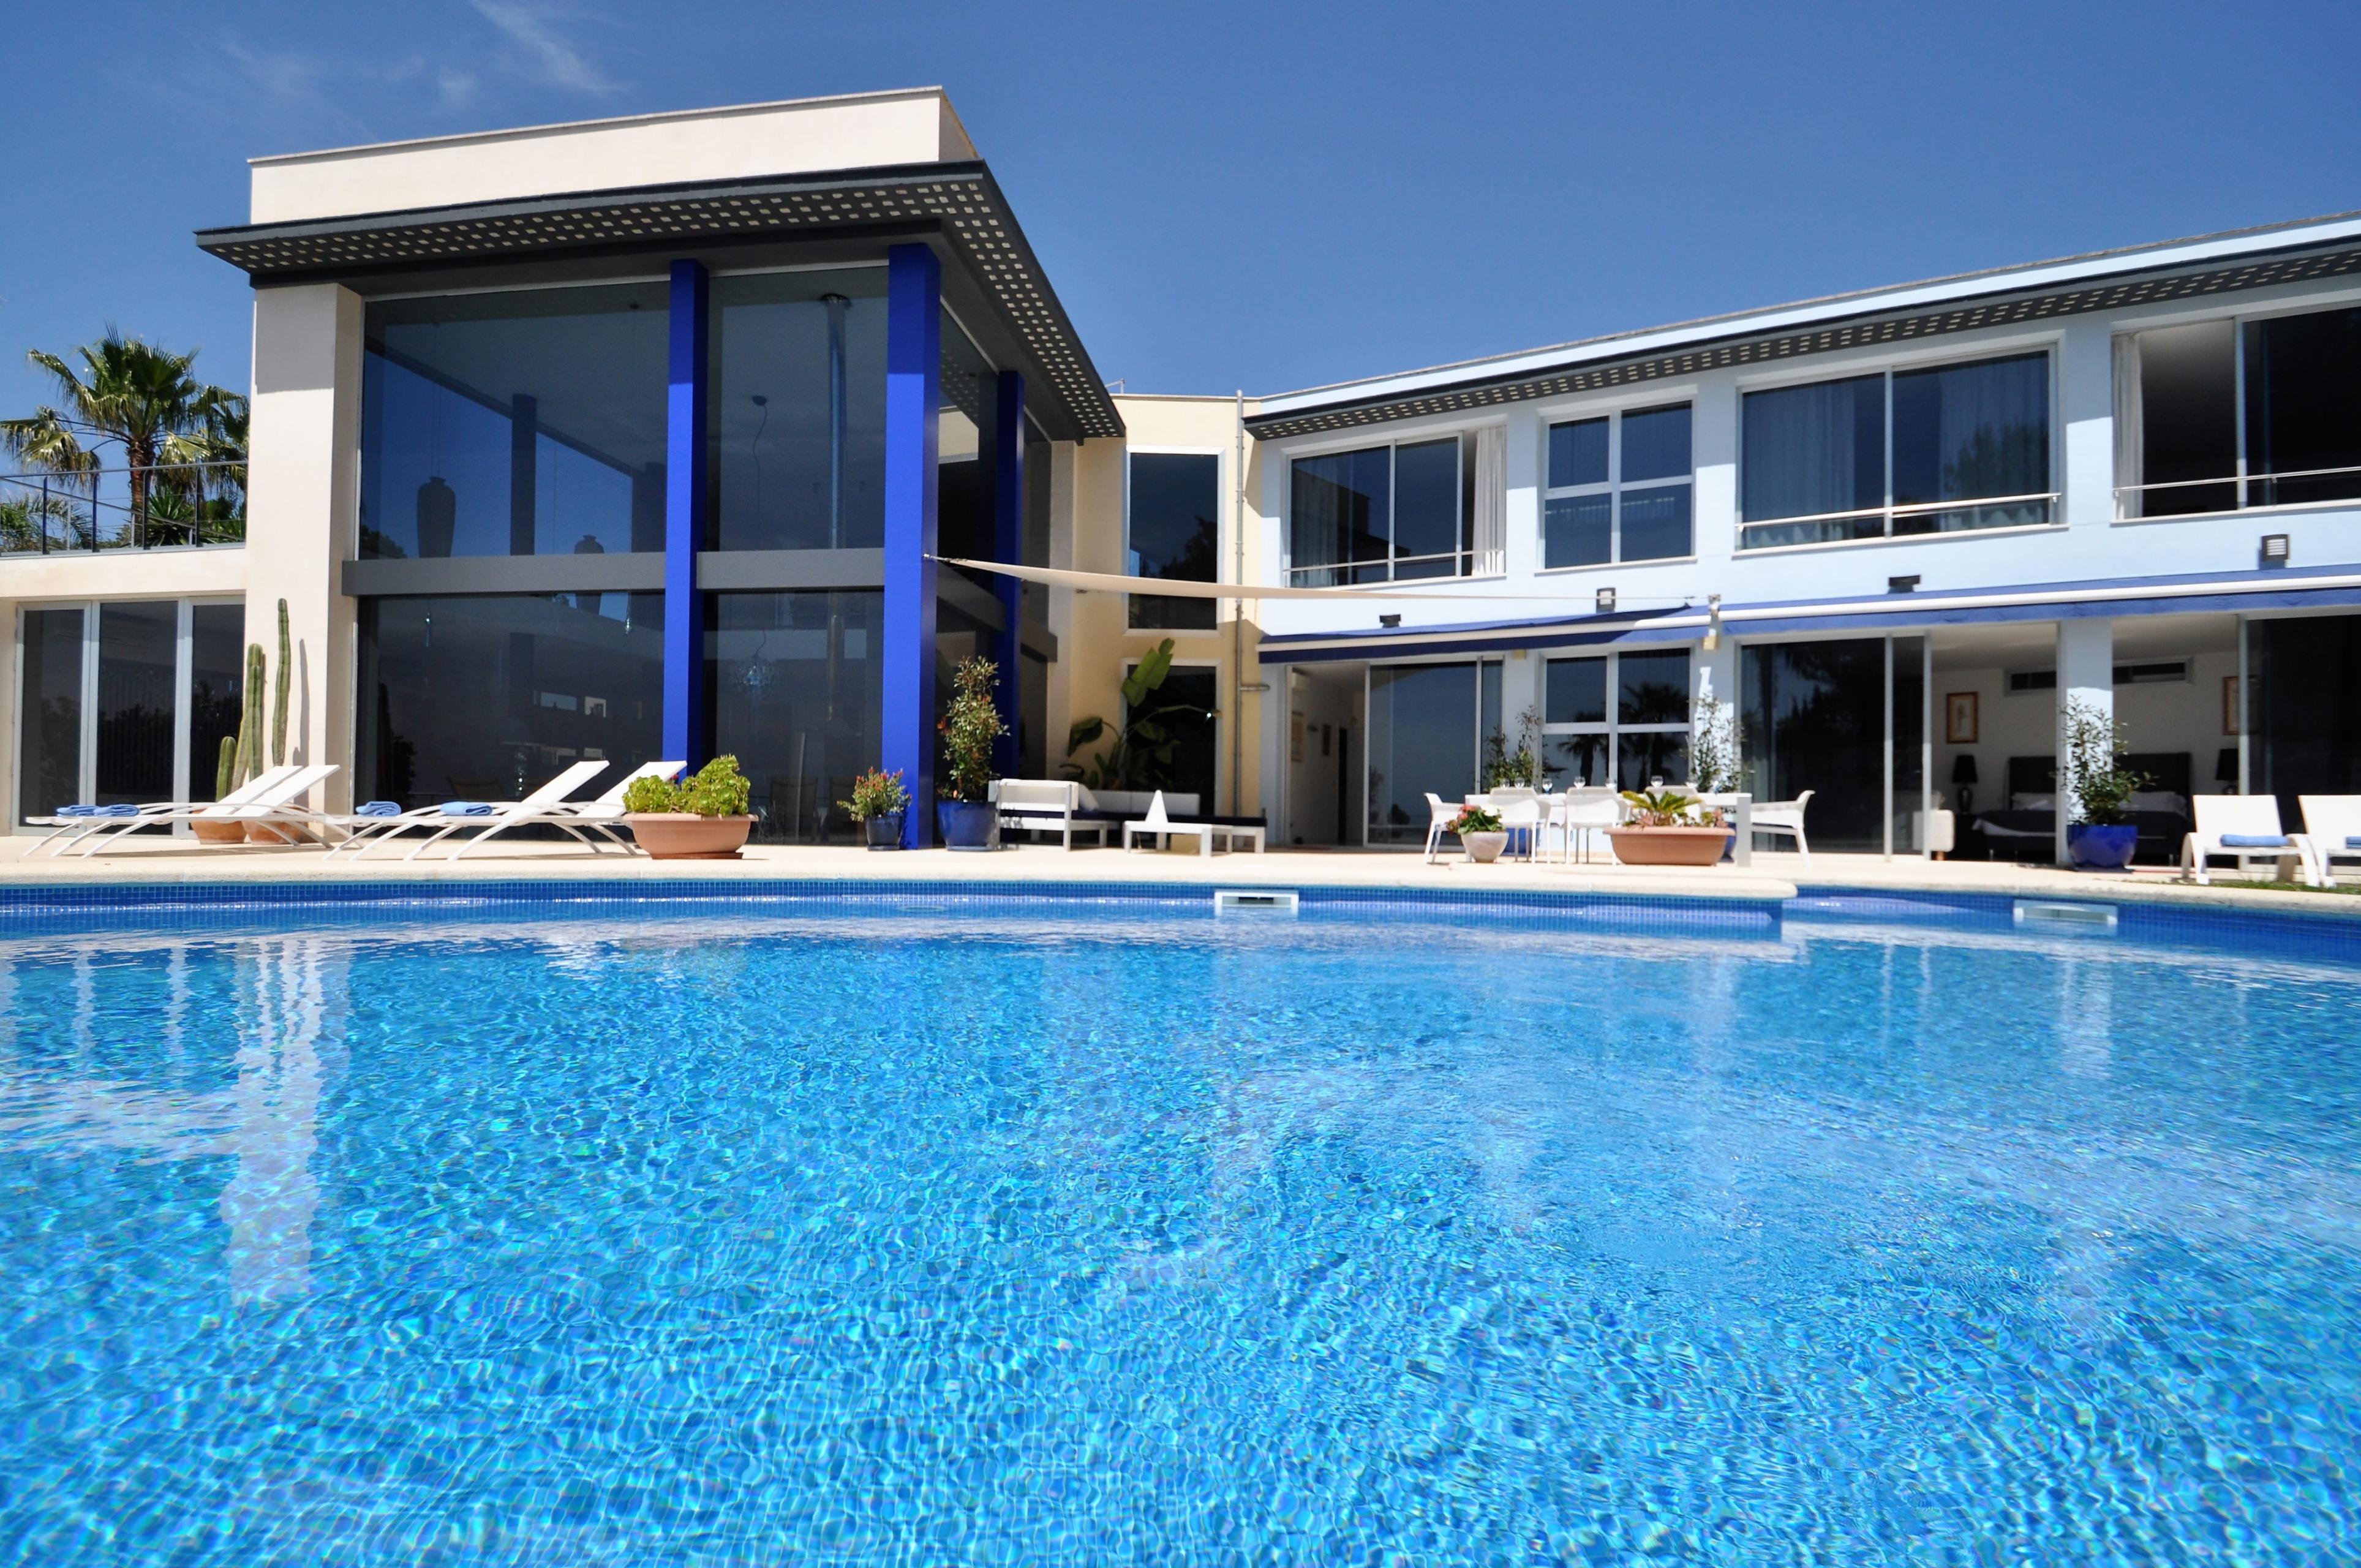 Maison de vacances VILLA BAY BLUE- Bahia Azul- Mallorca - VILLAONLINE - Kostenloses WLAN (2684052), Bahia Azul, Majorque, Iles Baléares, Espagne, image 4